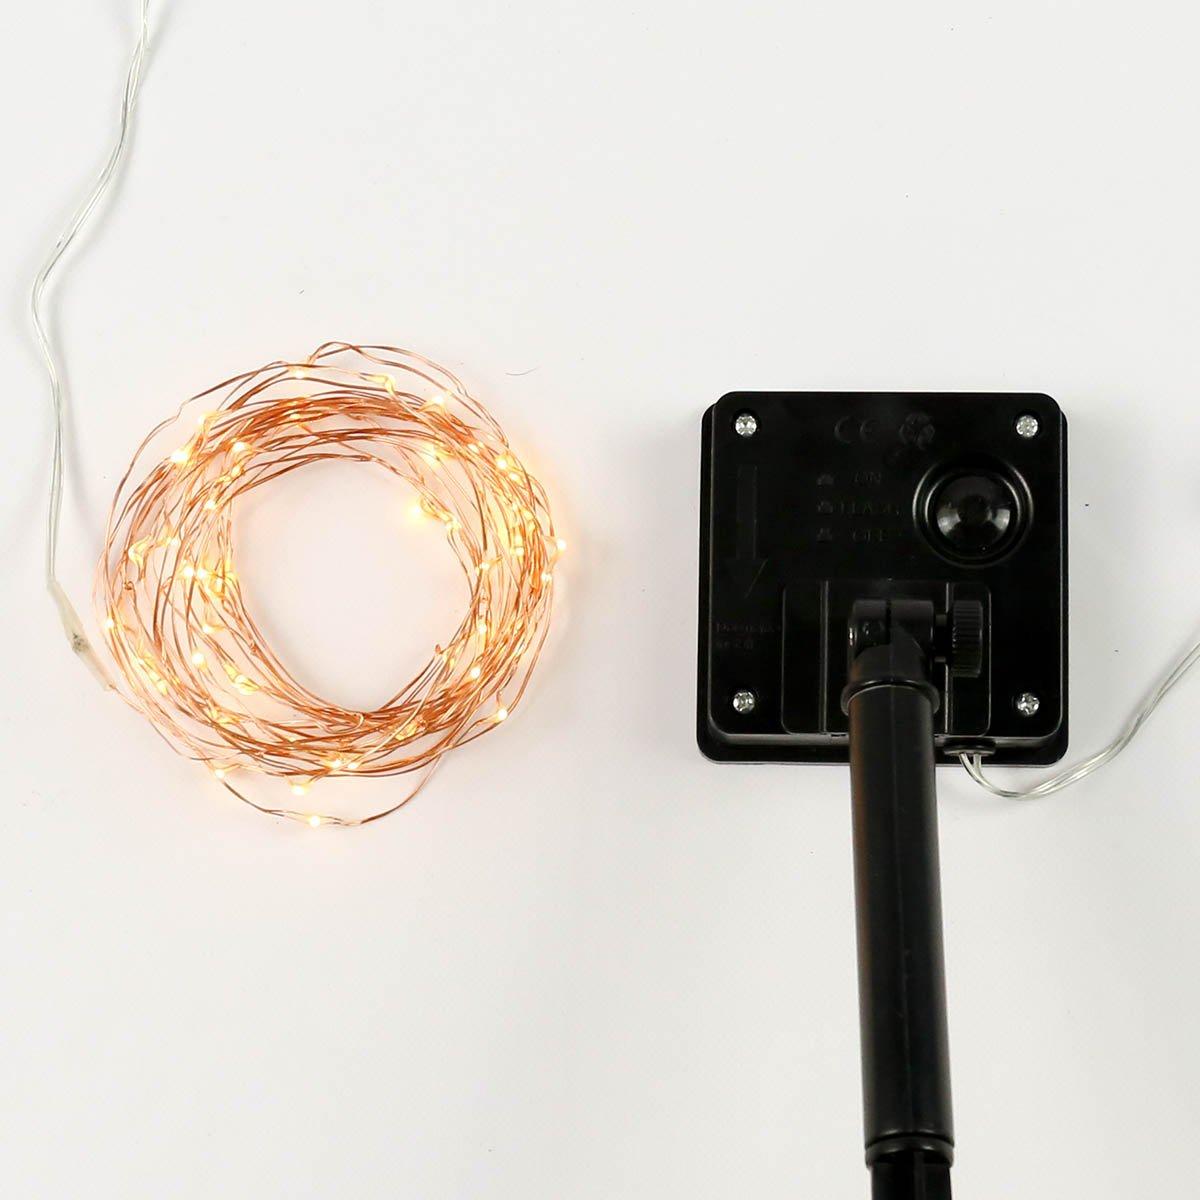 Solar Außen Kupfer Mikro Draht Lichter, 50 LEDs warmweiß, 5m, von ...